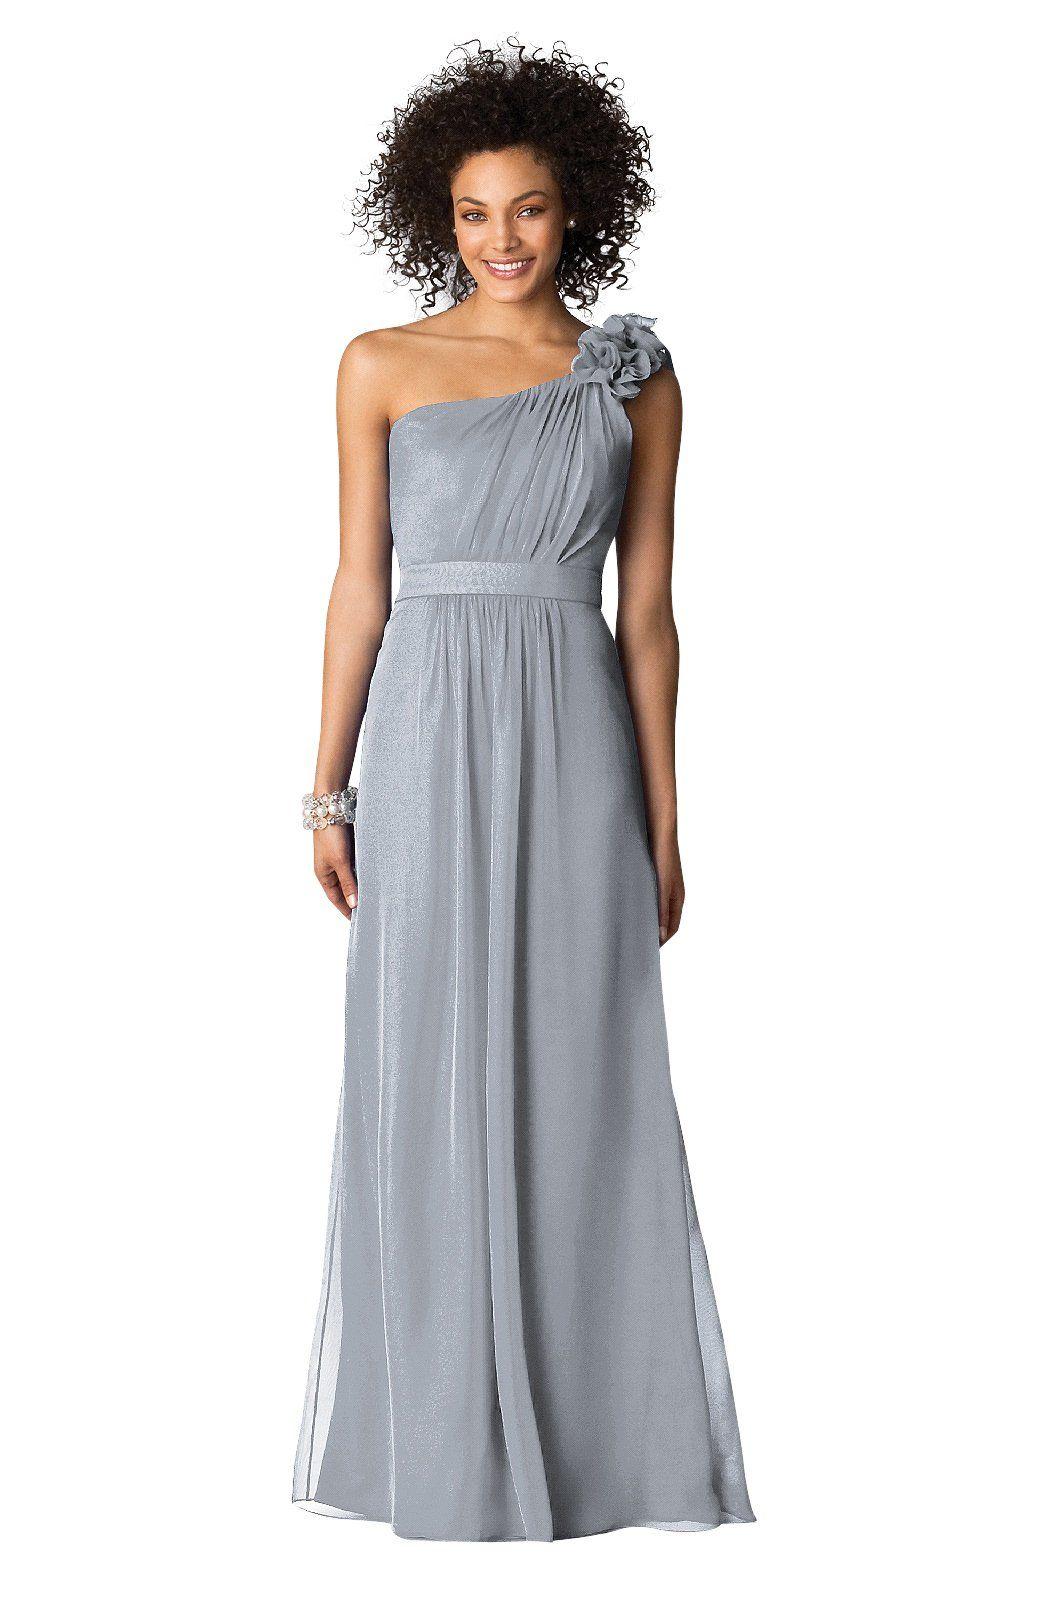 Gray bridesmaid dresses charcoal bridesmaid gowns weddington gray bridesmaid dresses charcoal bridesmaid gowns weddington way ombrellifo Choice Image